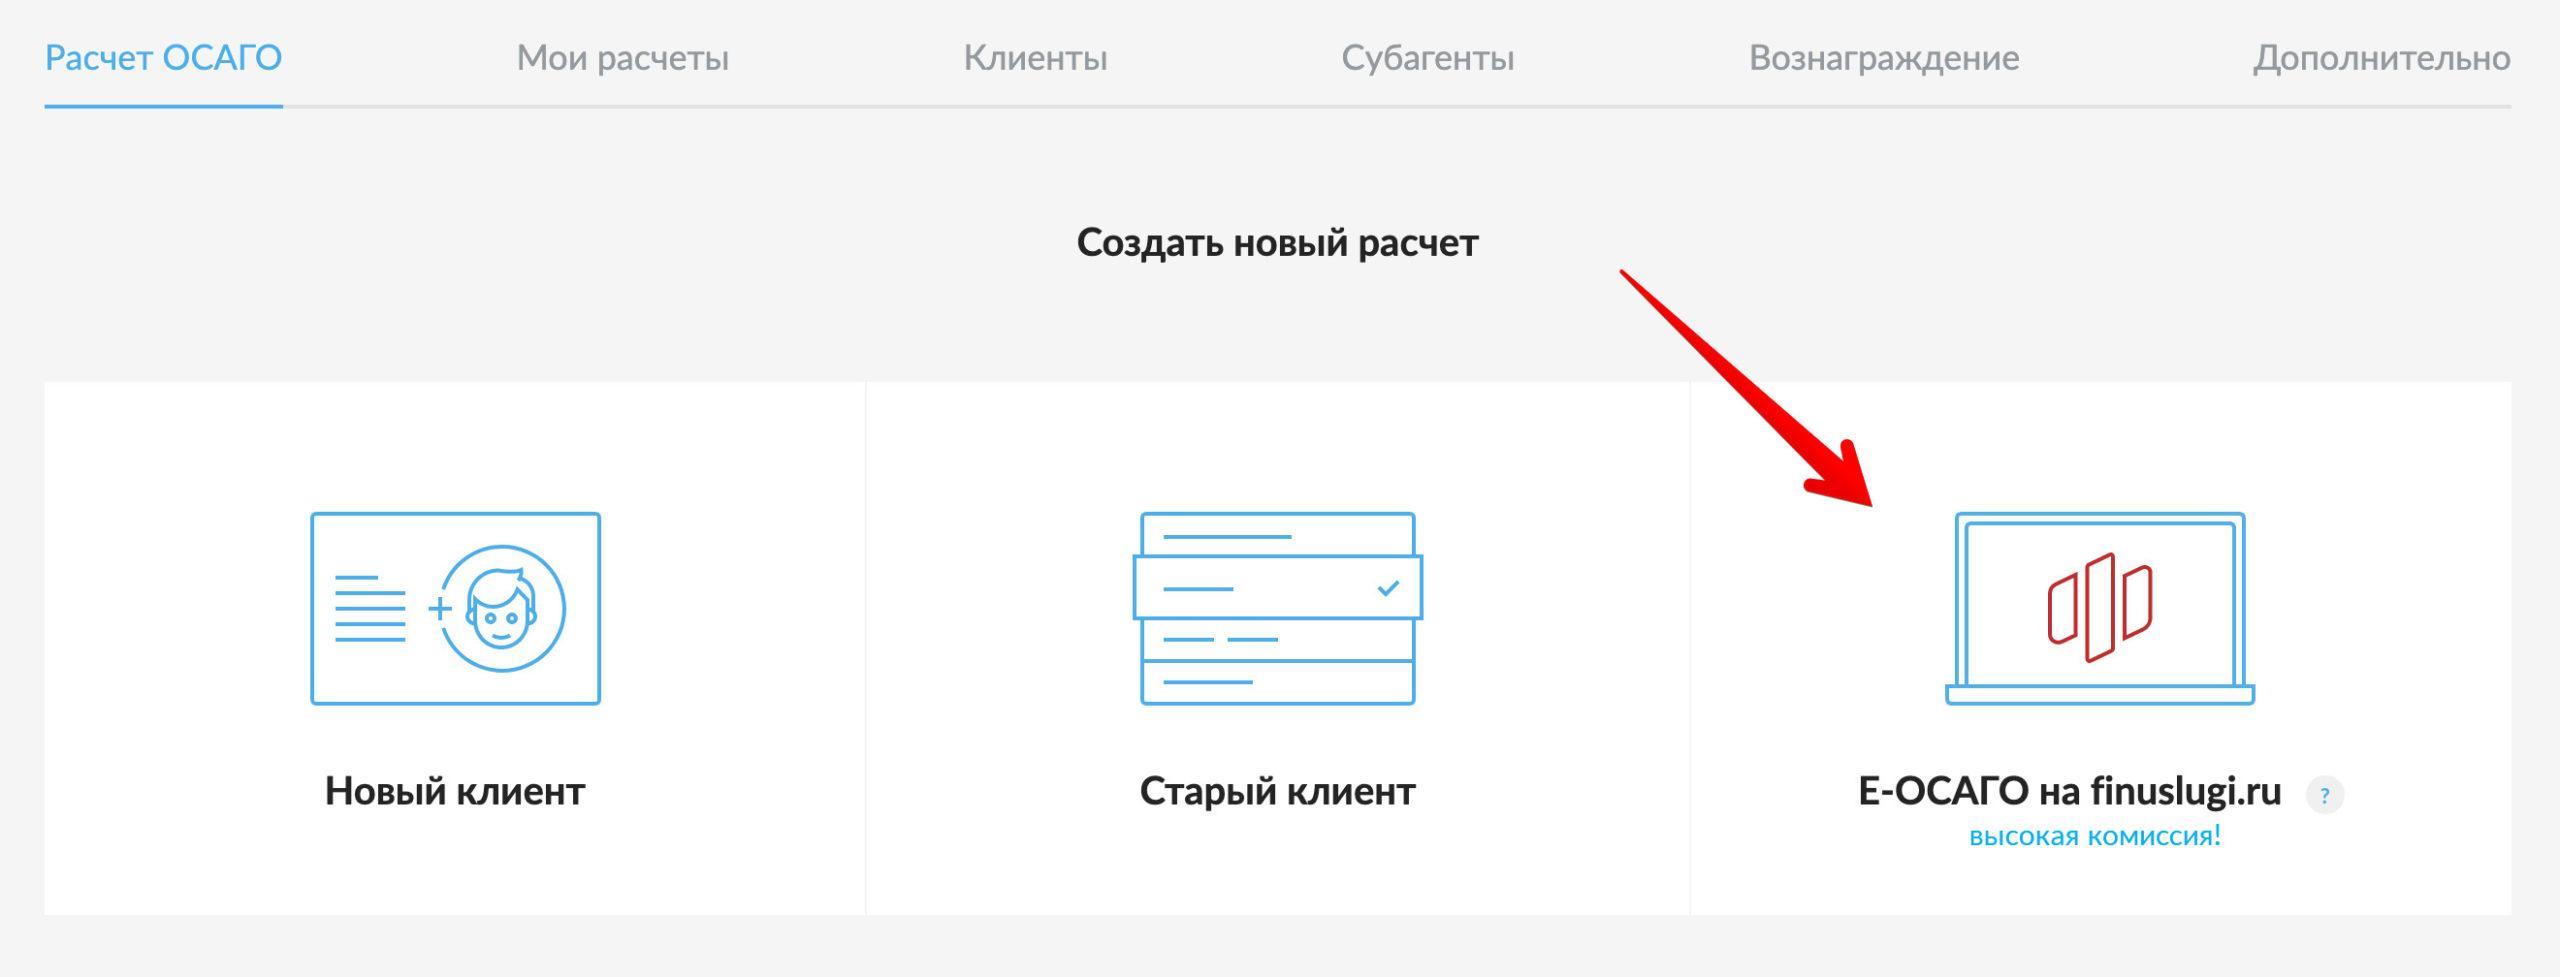 """В агентском кабинете INGURU на первом шаге нажать на кнопку- """"Е-ОСАГО на finuslugi.ru"""""""